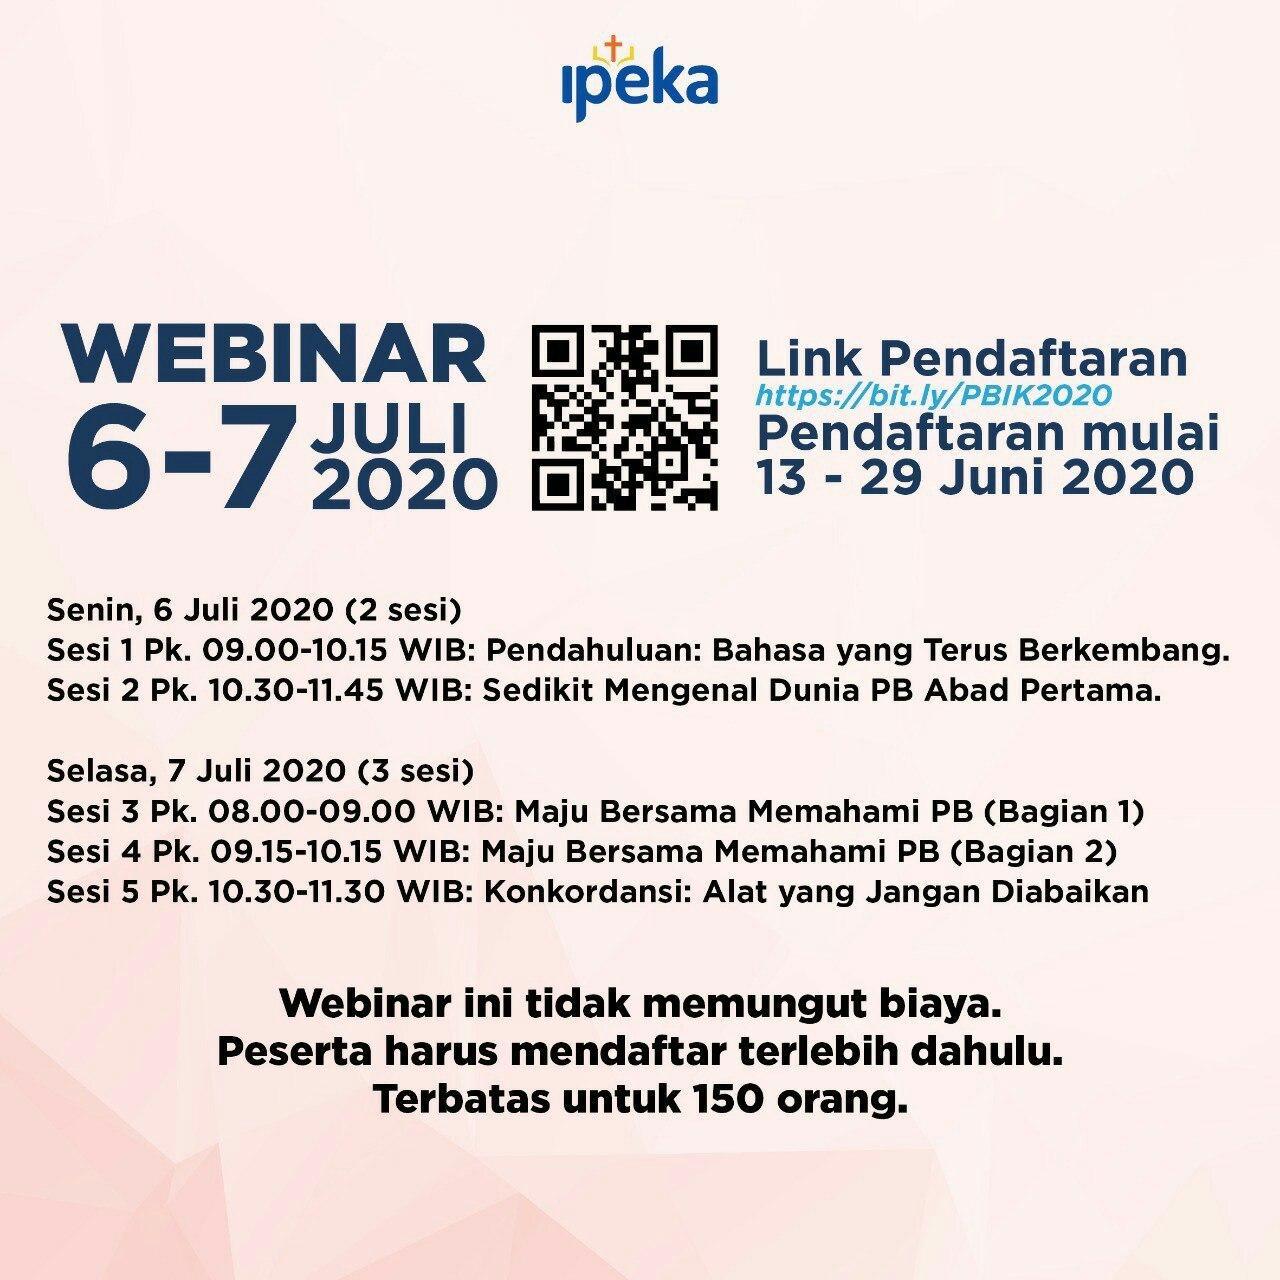 Jadwal Webinar Ipeka